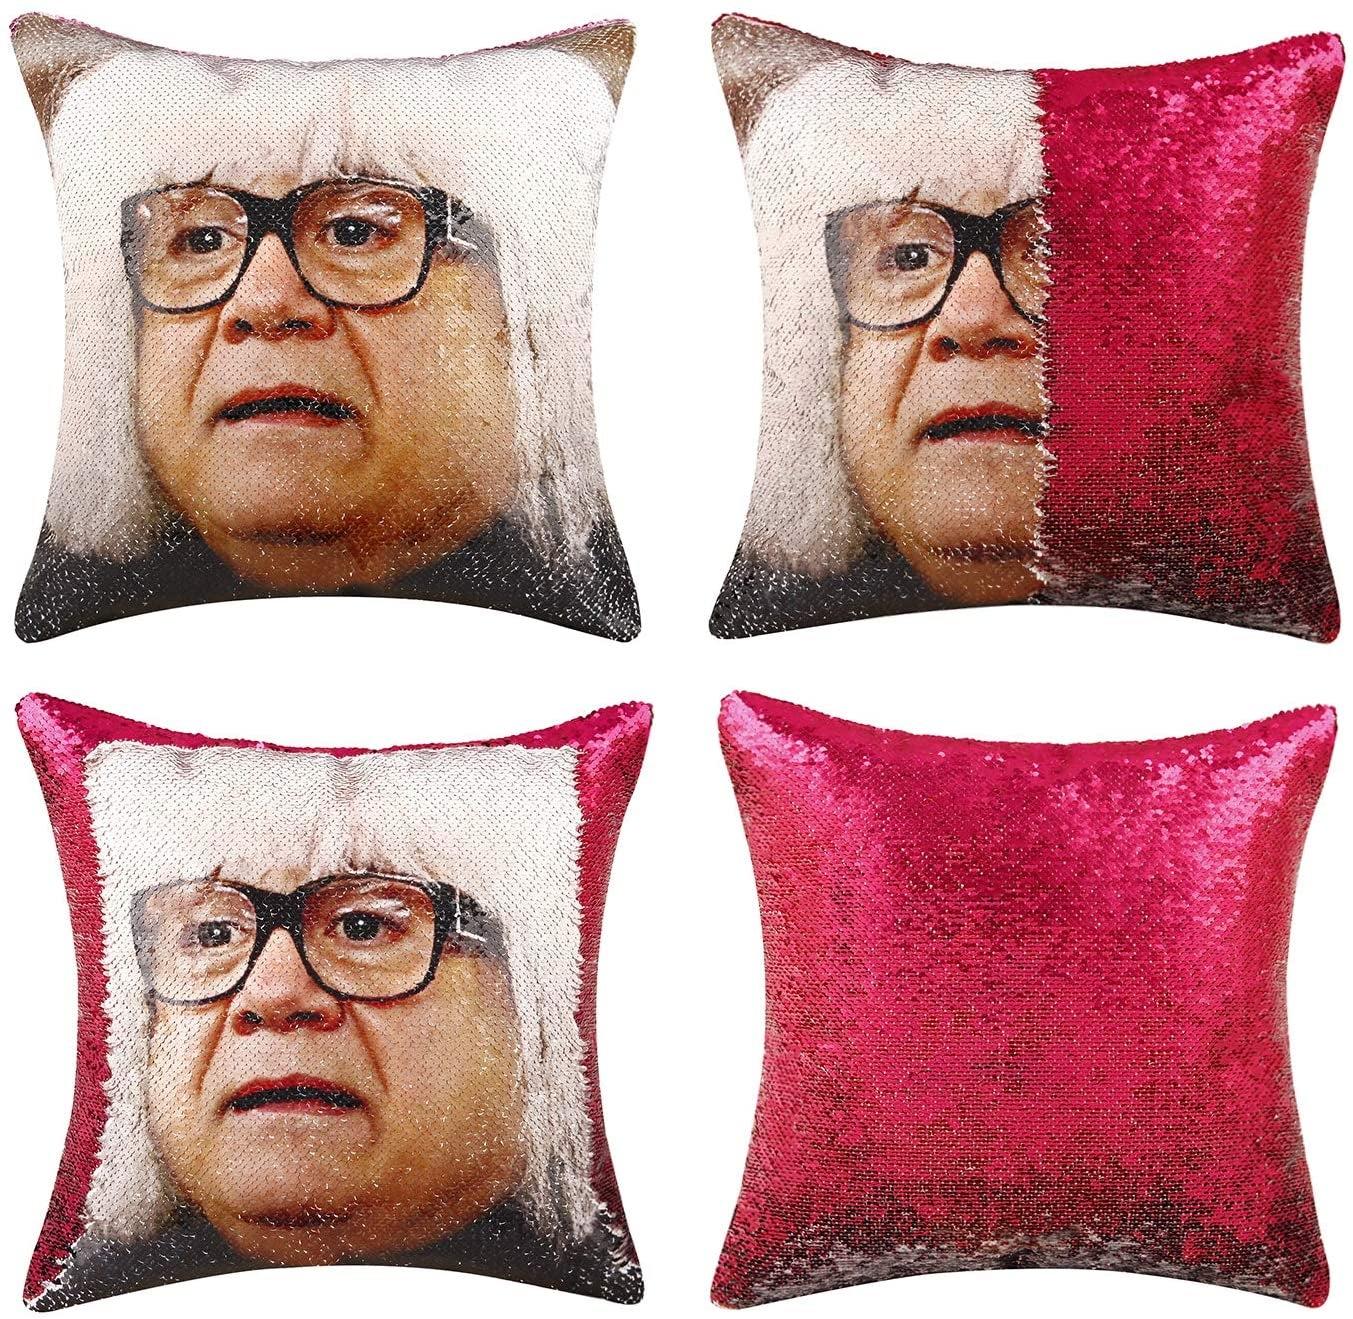 sequin pillow of Danny Devito